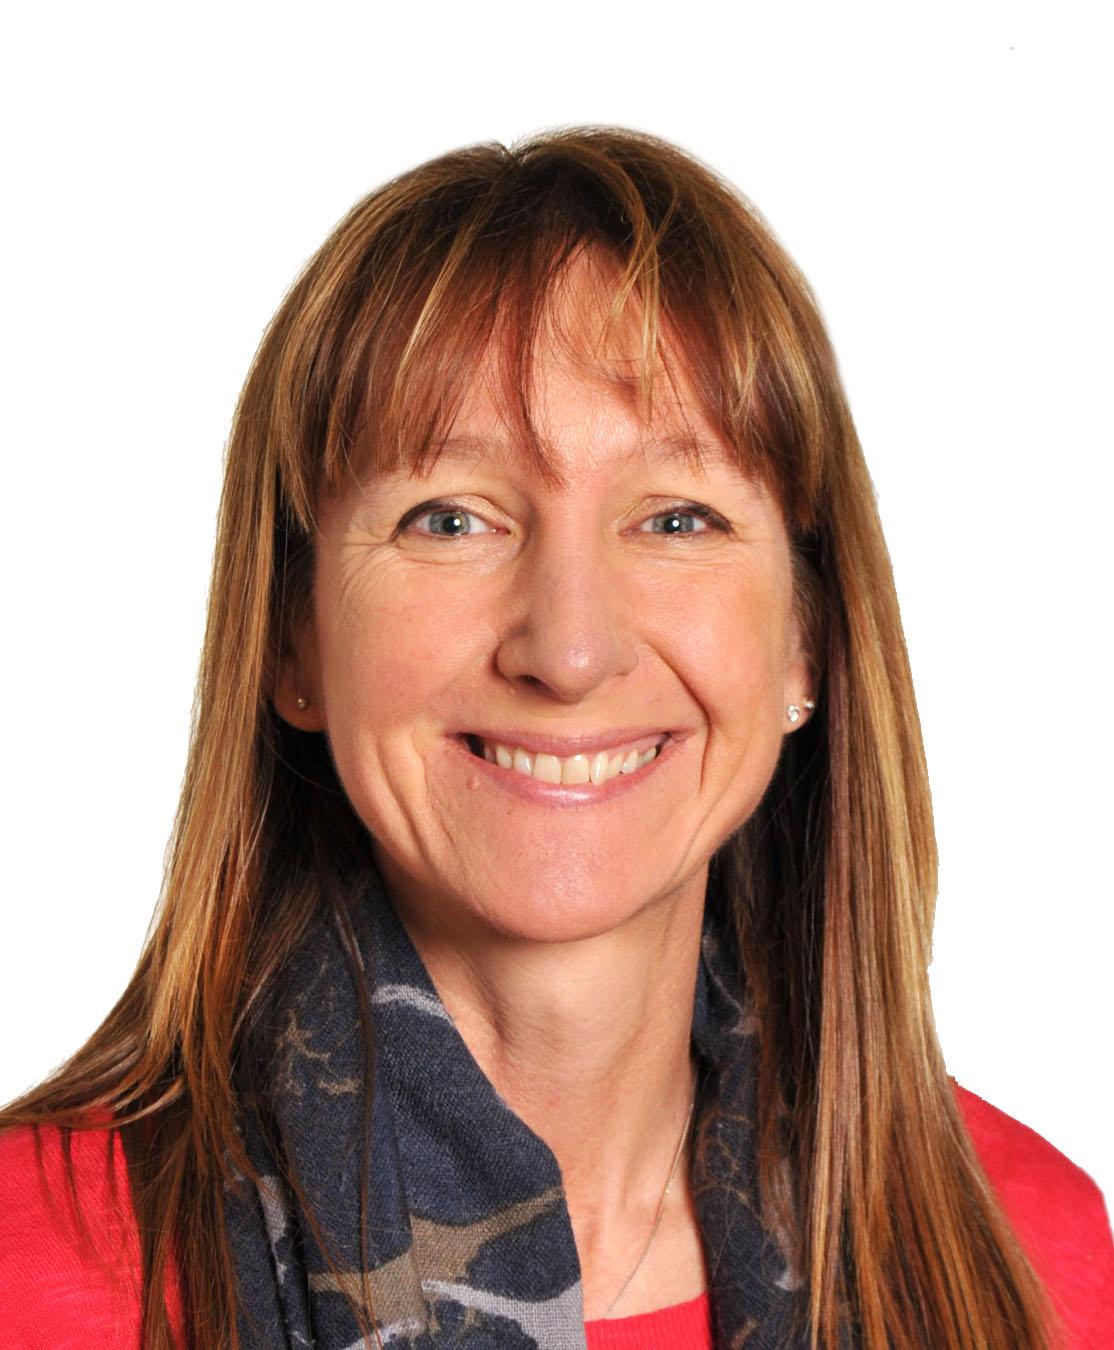 Deborah Kinnish